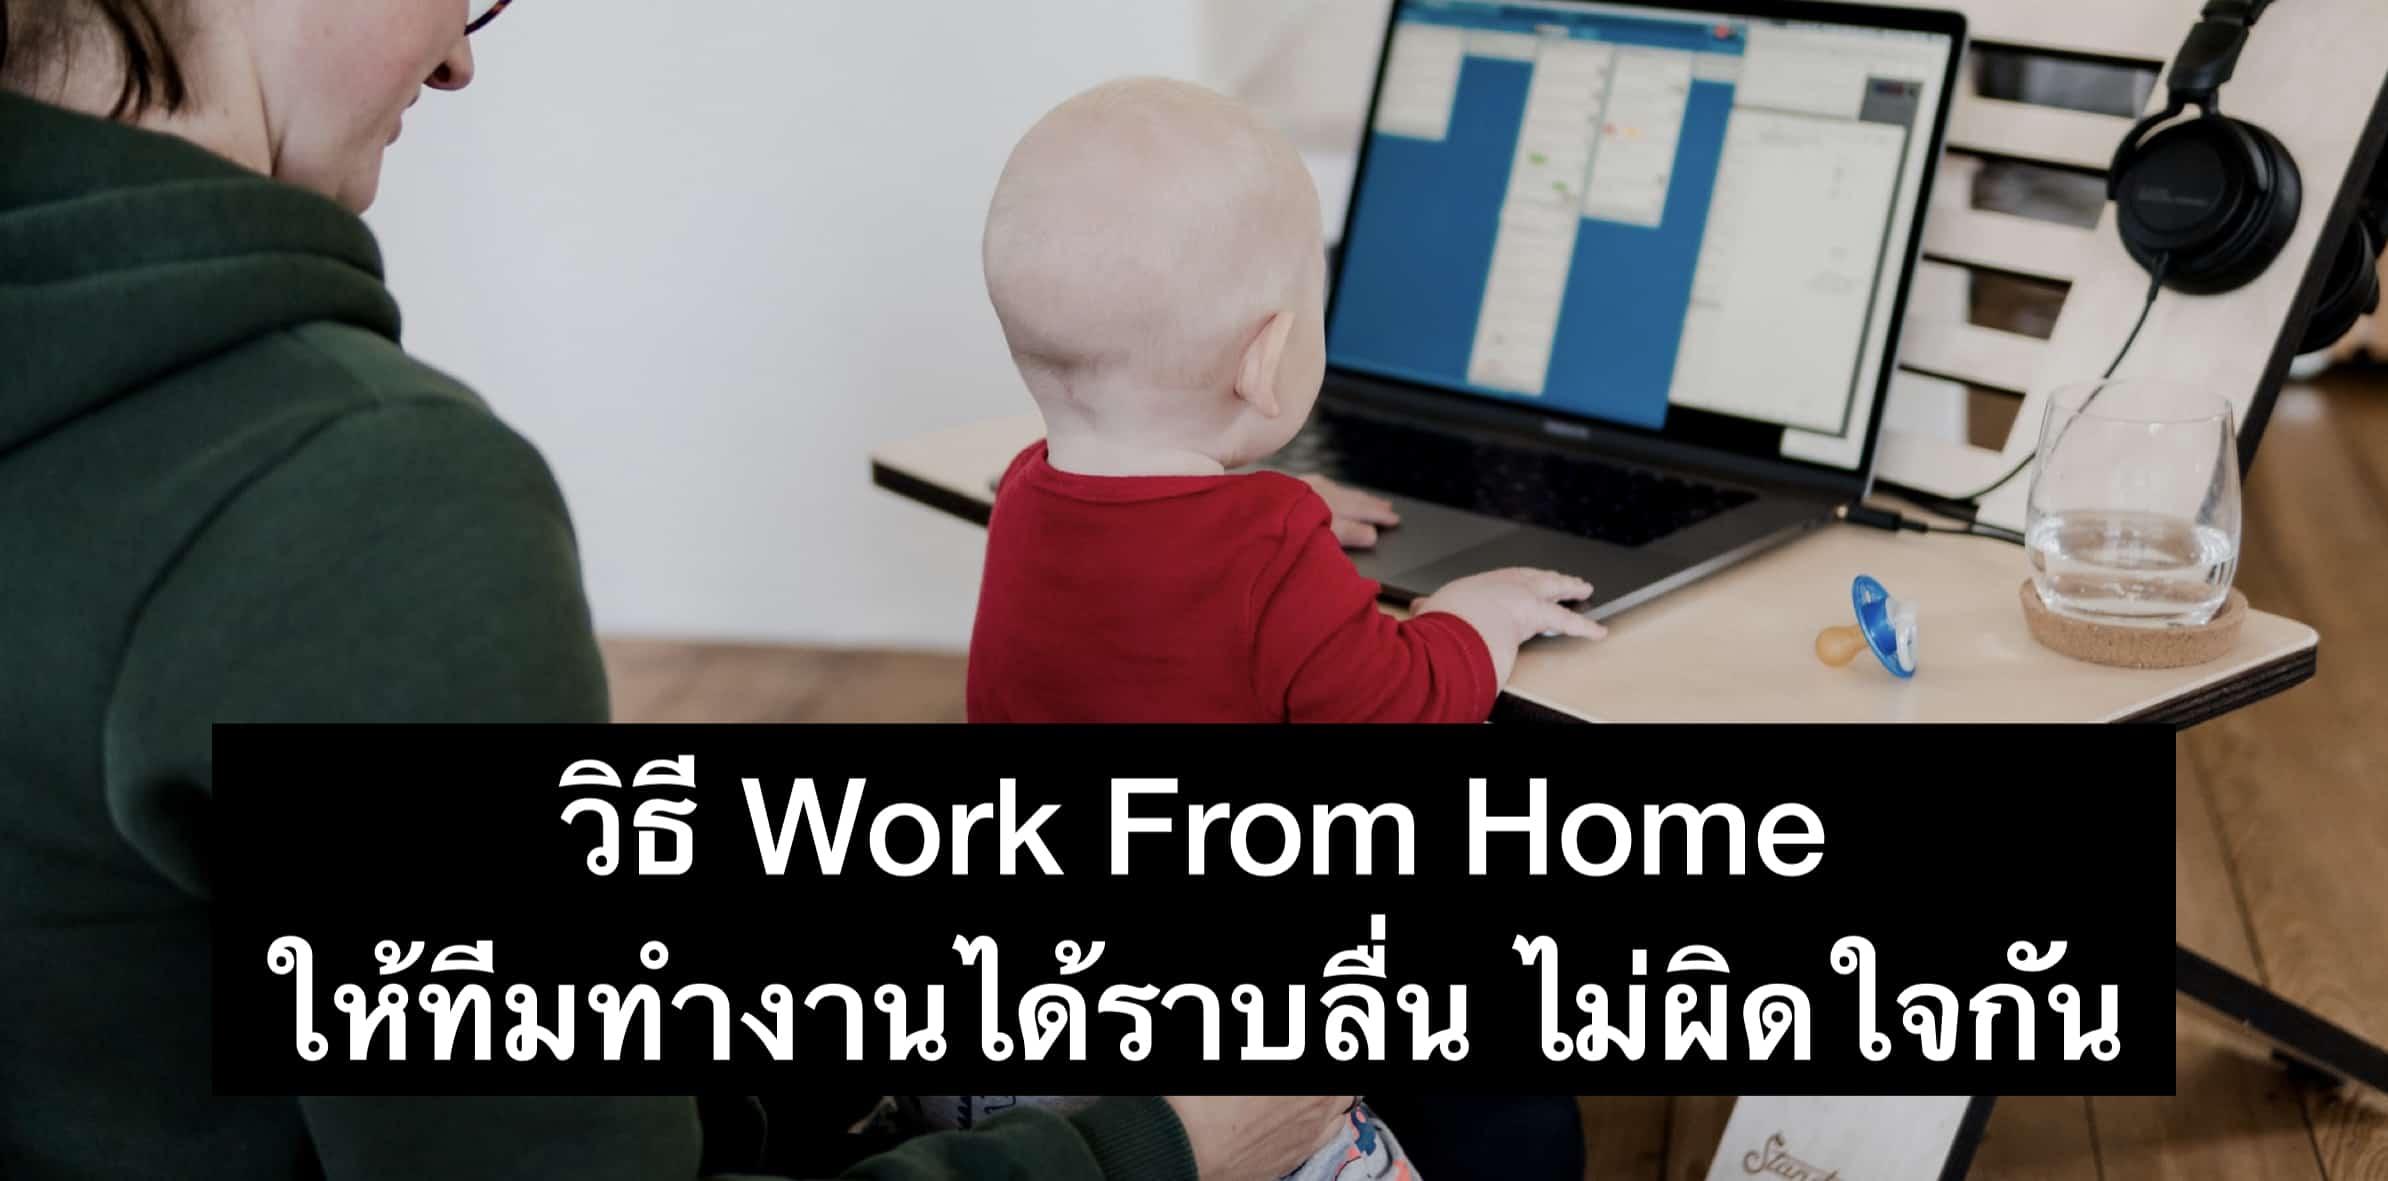 วิธี Work from Home เป็นทีมยังไงให้ไม่ทรมานเกินไป